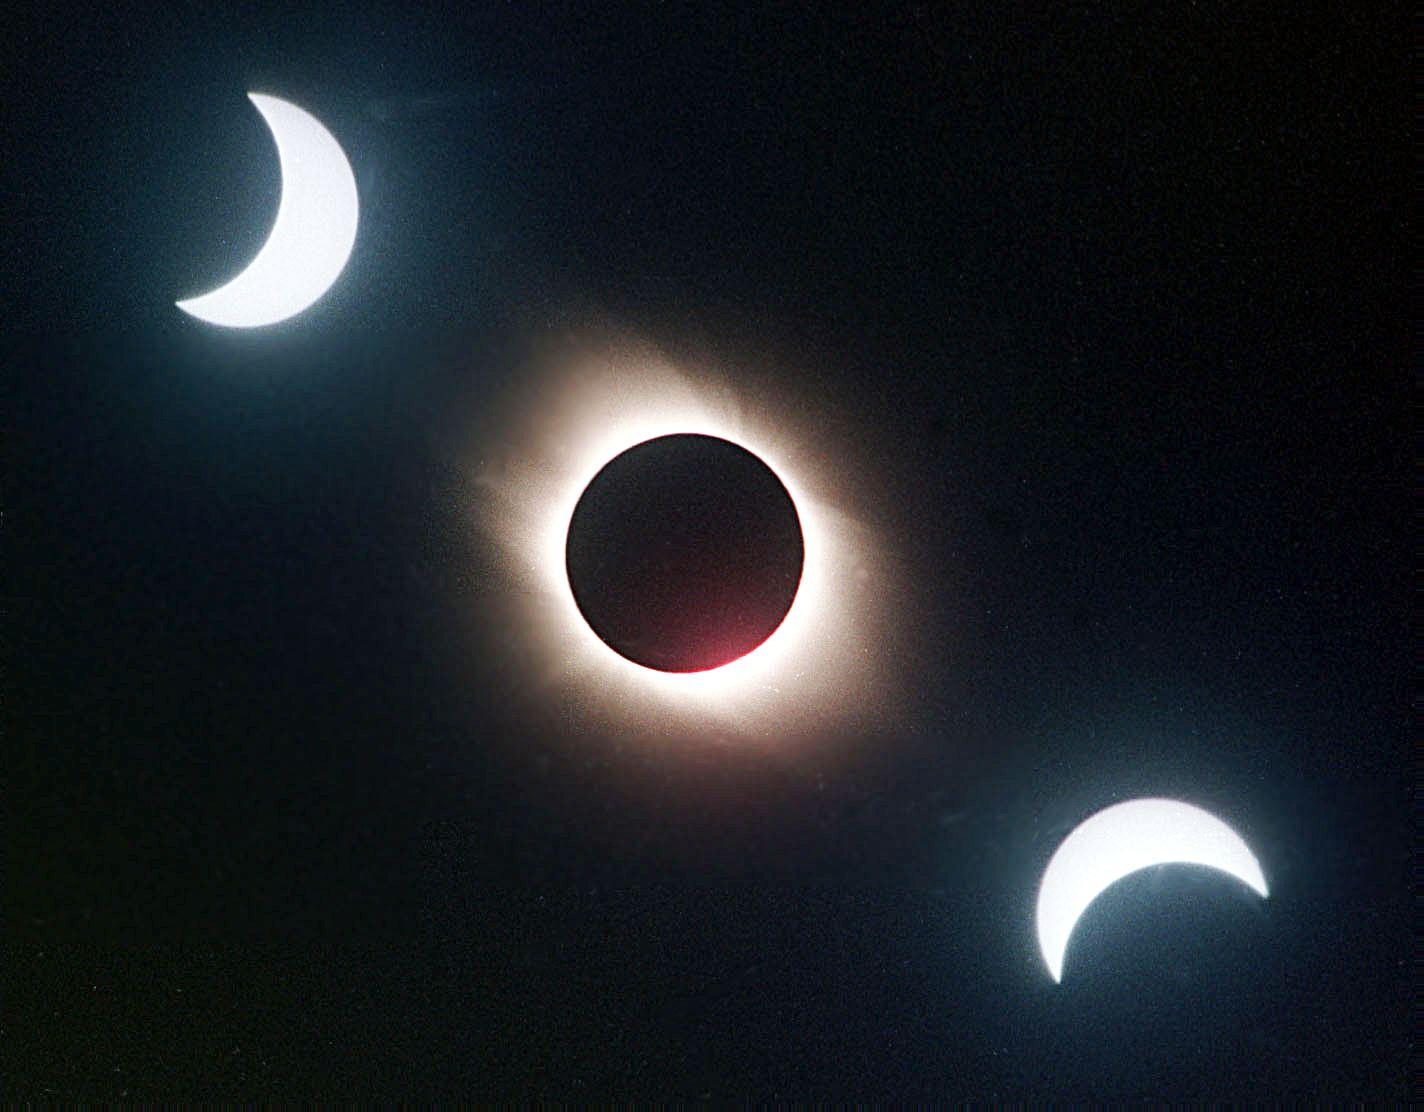 Eclissi totale di sole, come vederla? L'evento atteso da 99 anni affascina il mondo